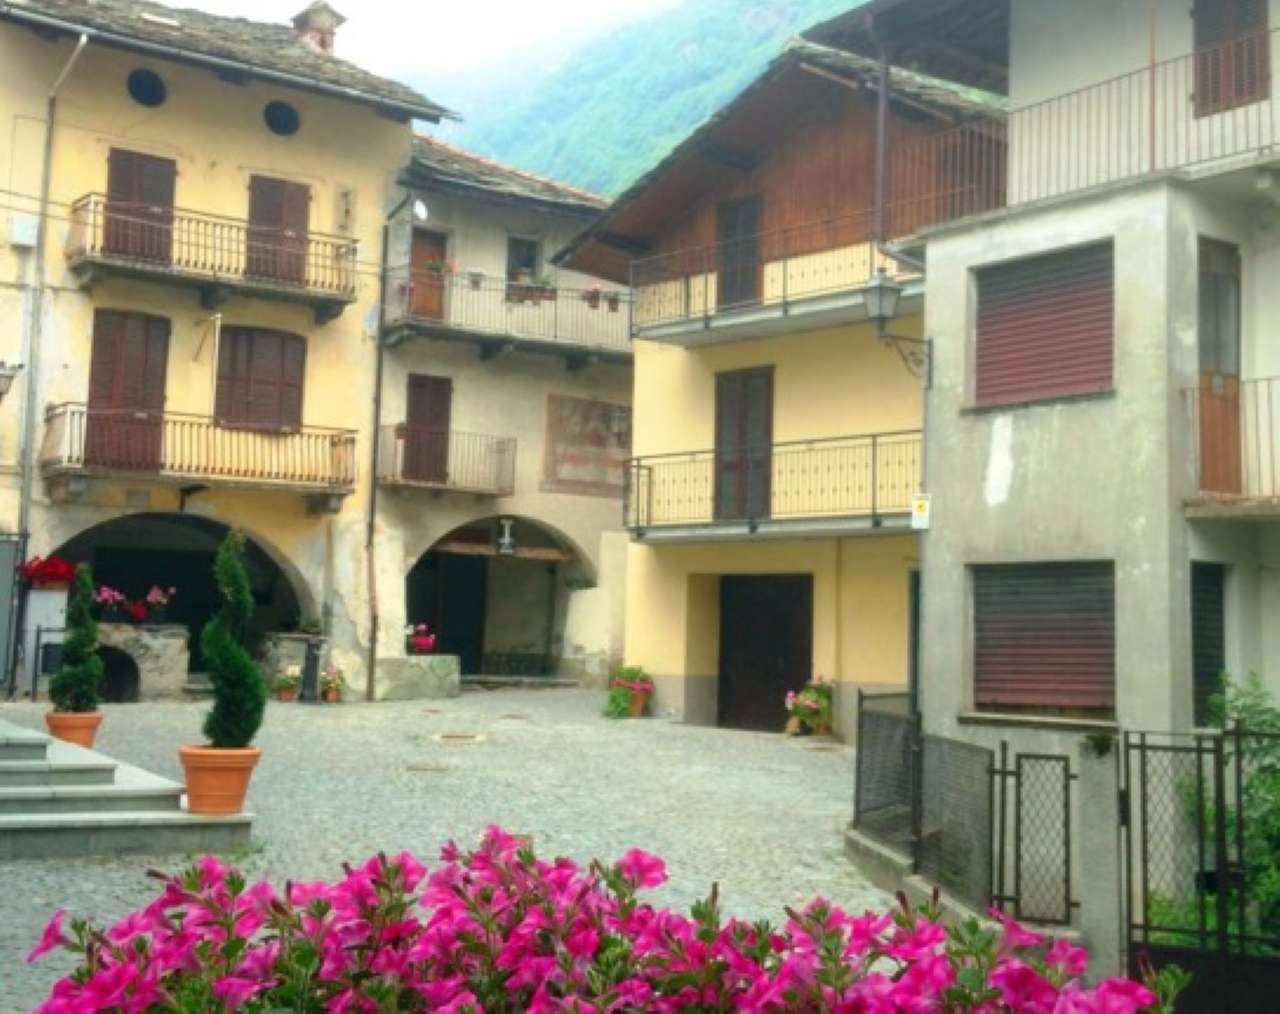 Negozio / Locale in vendita a Sparone, 9999 locali, prezzo € 95.000 | CambioCasa.it